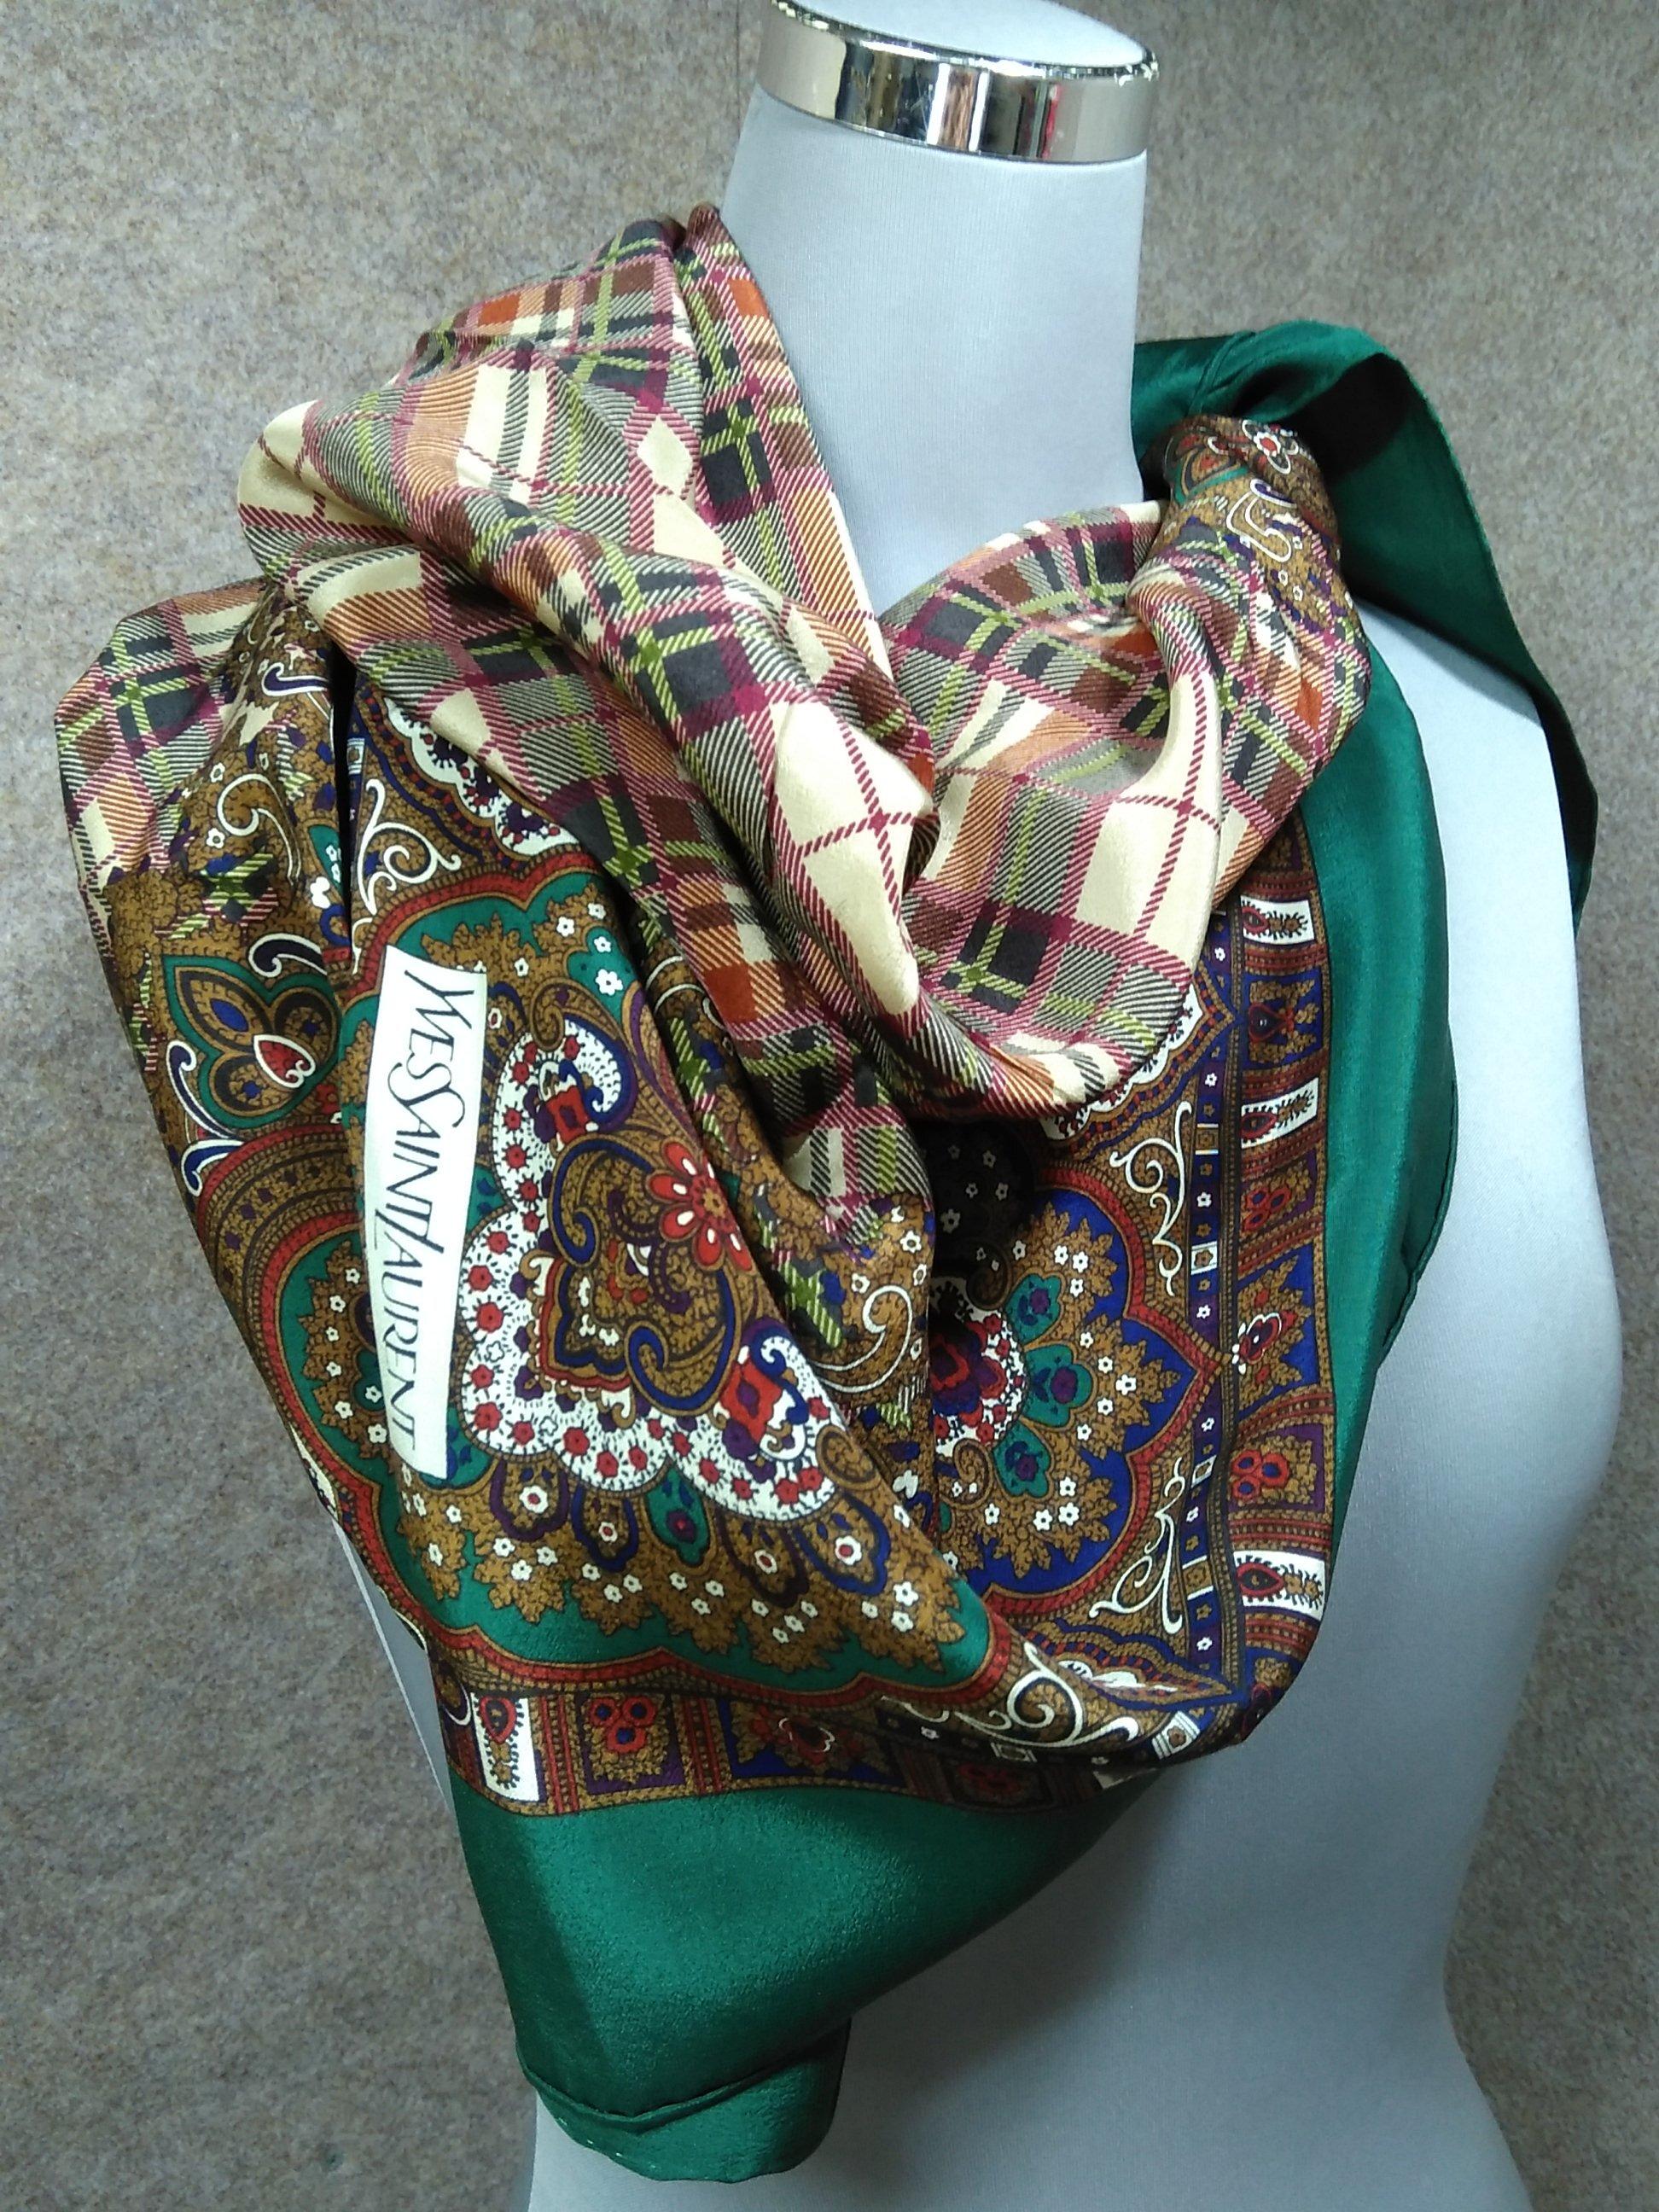 イヴサンローラン シルク 絹 スカーフ グリーン系 mu890e